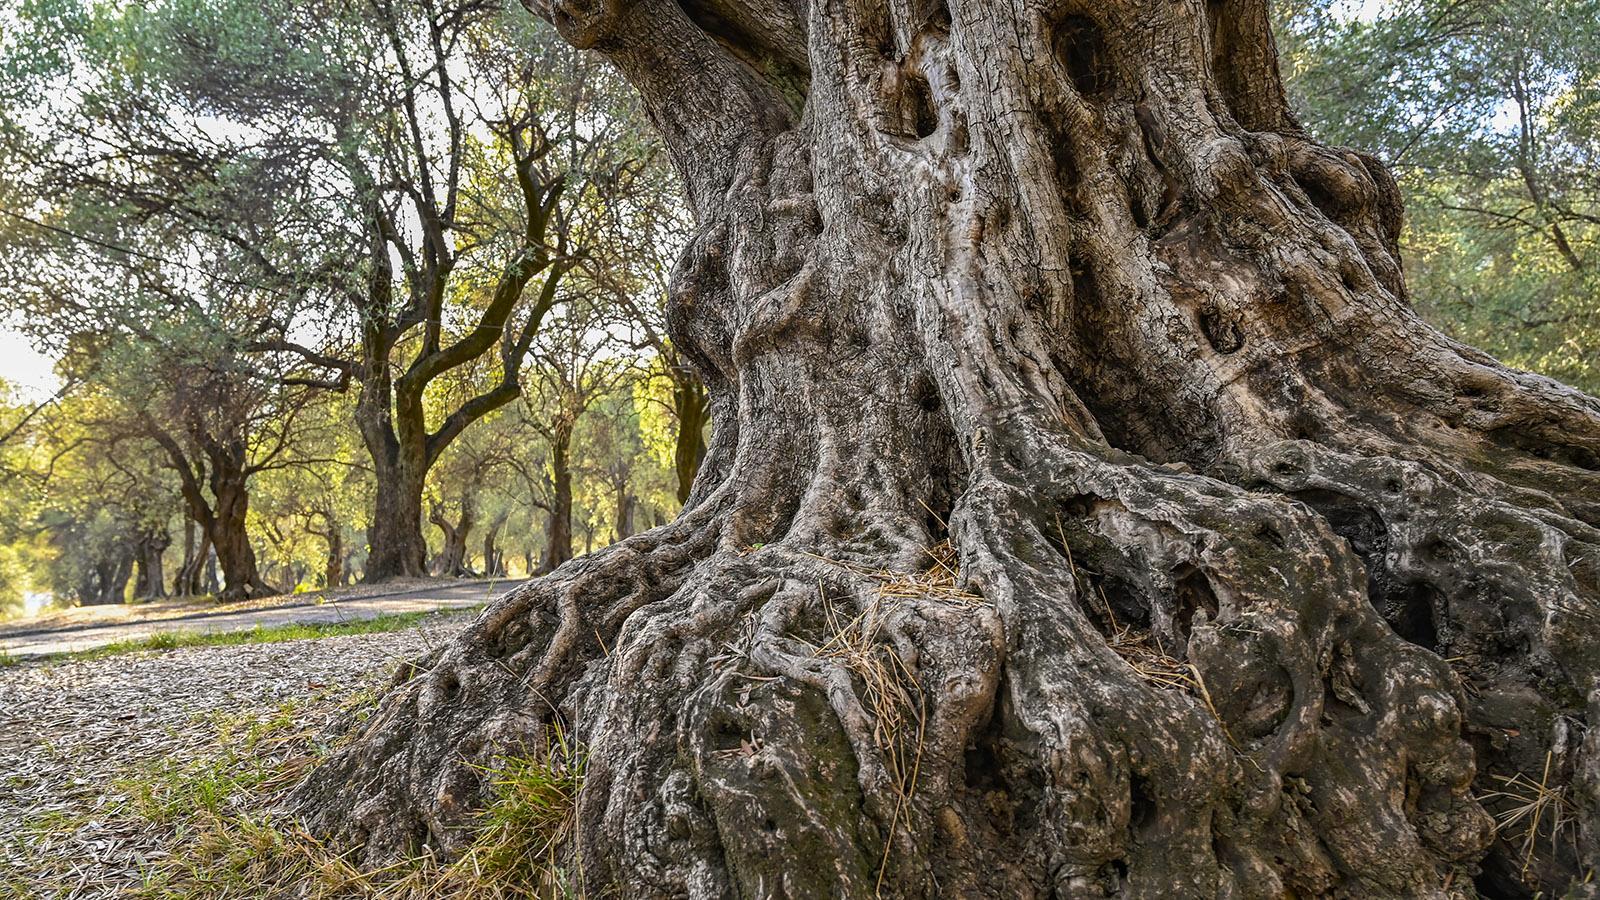 540 uralte Olivenbäume wachsen mitten in der Stadt - und machen den Parc du Pian zu einer ganz besonderen grünen Oase. Foto: Hilke Maunder